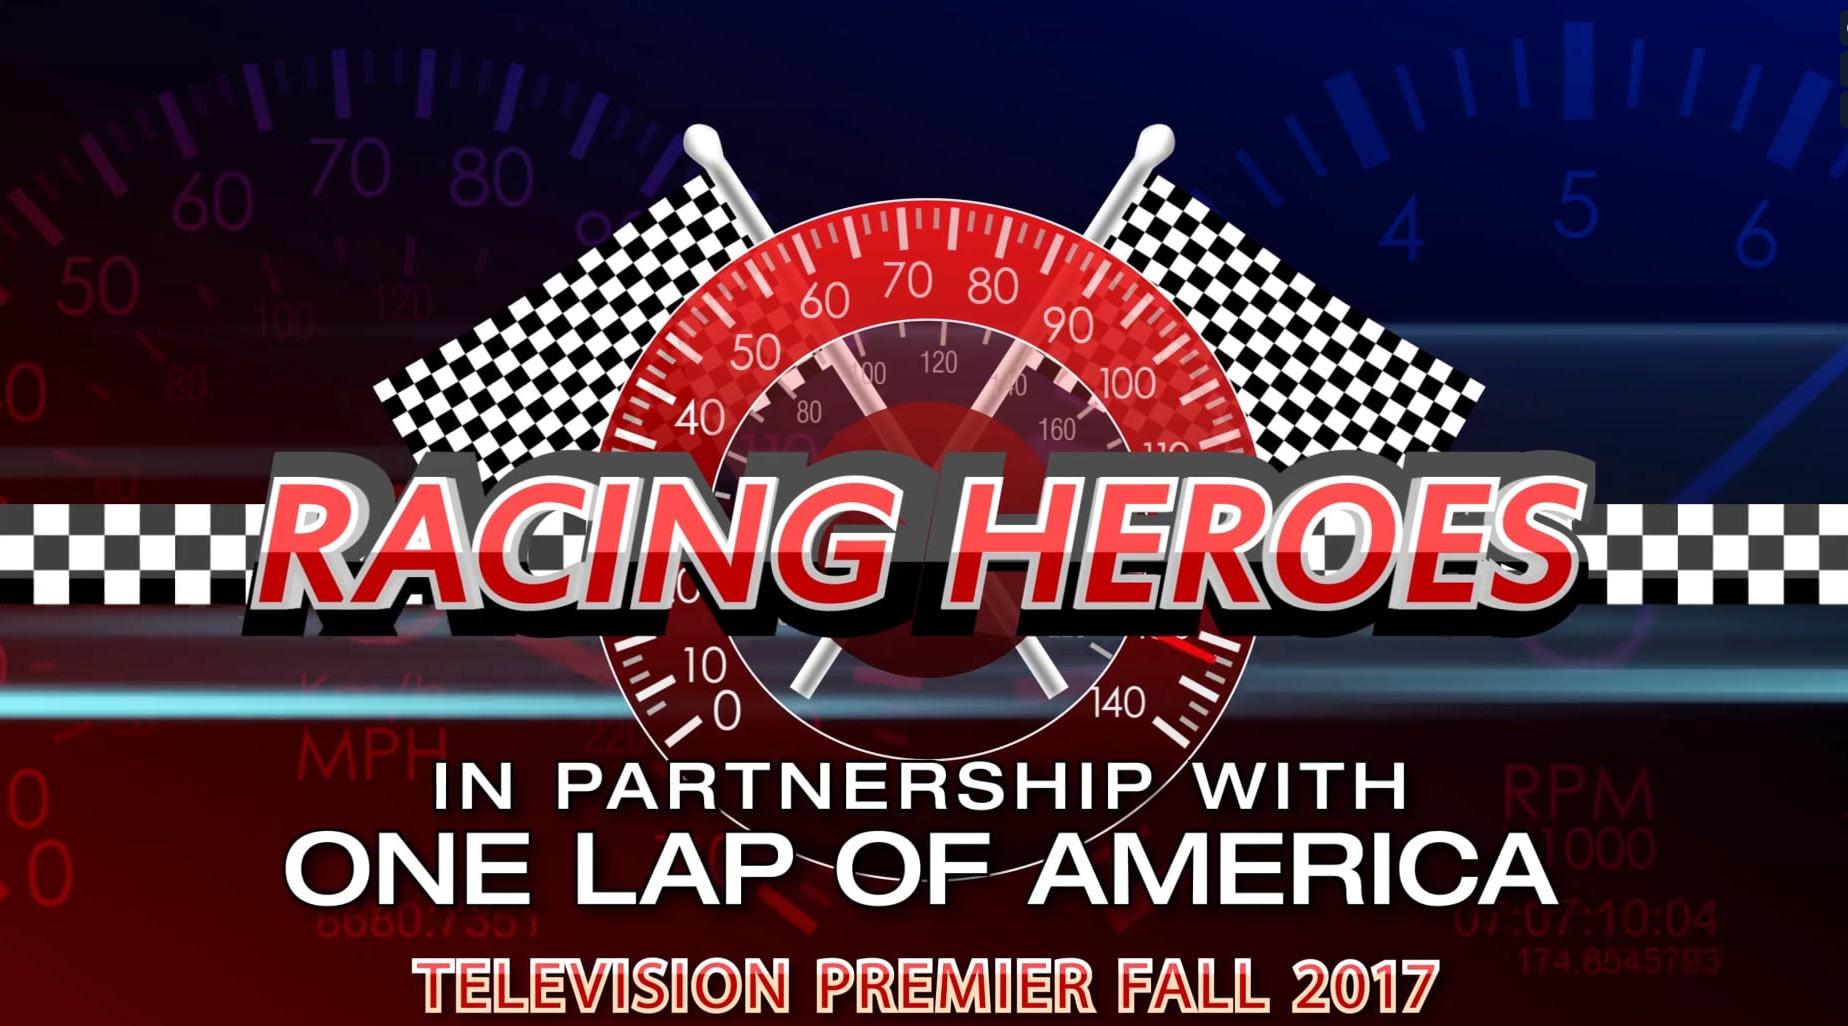 Racing Heroes